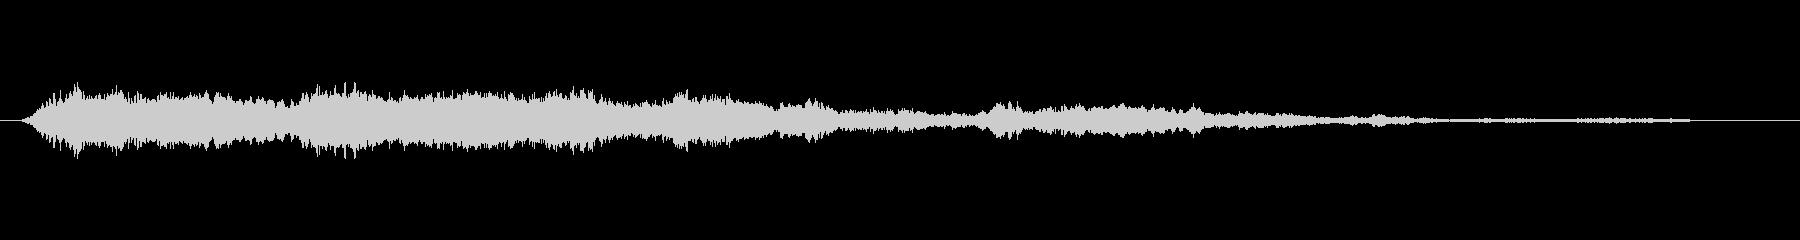 メタル スクイールサチュレートロング05の未再生の波形